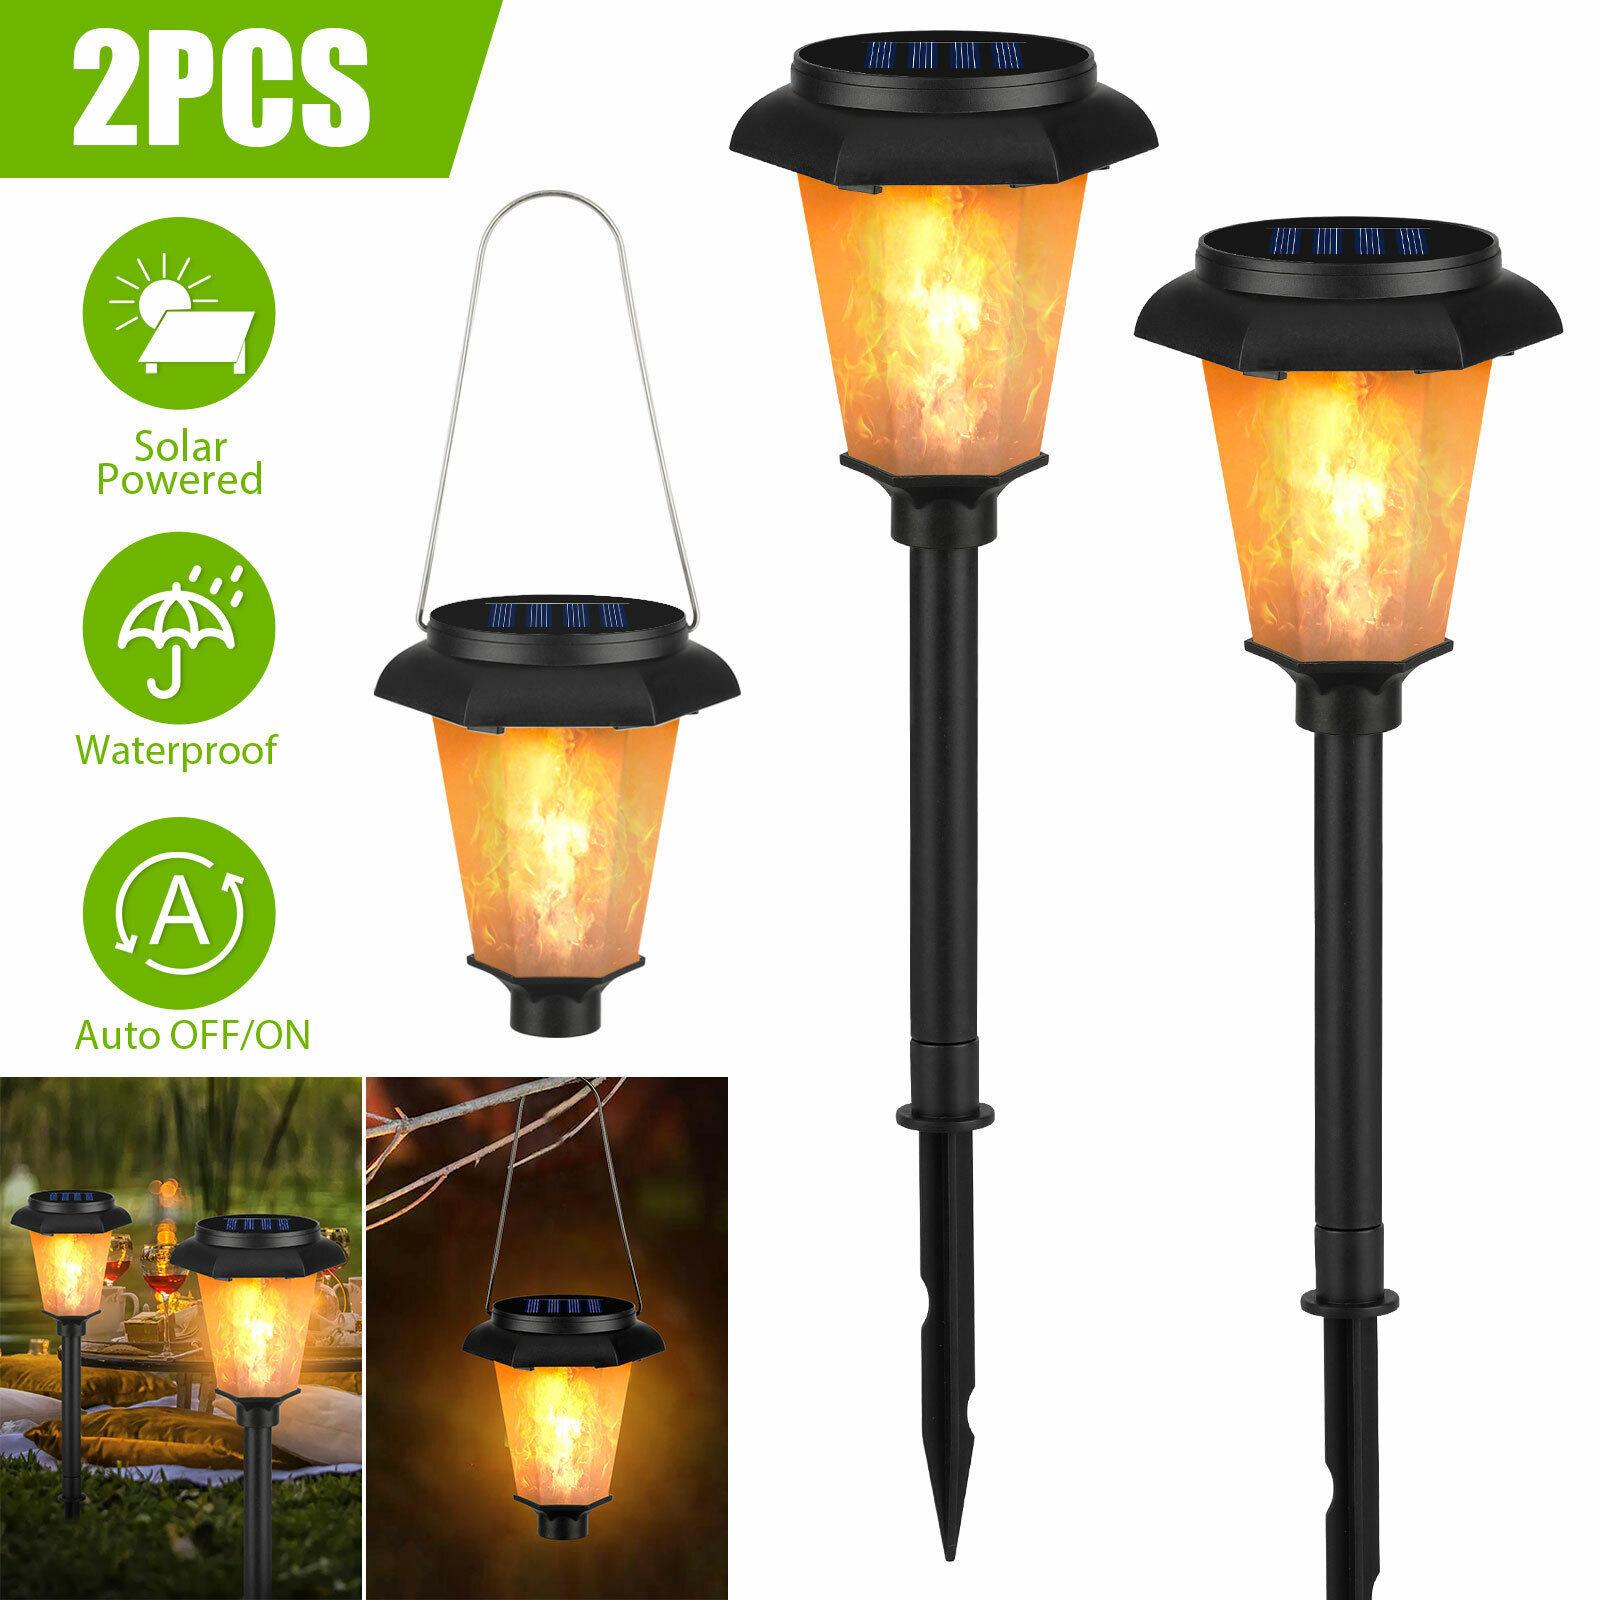 12 LED Outdoor Solar Flame Light Torch Dancing Flickering Lamp Garden Waterproof